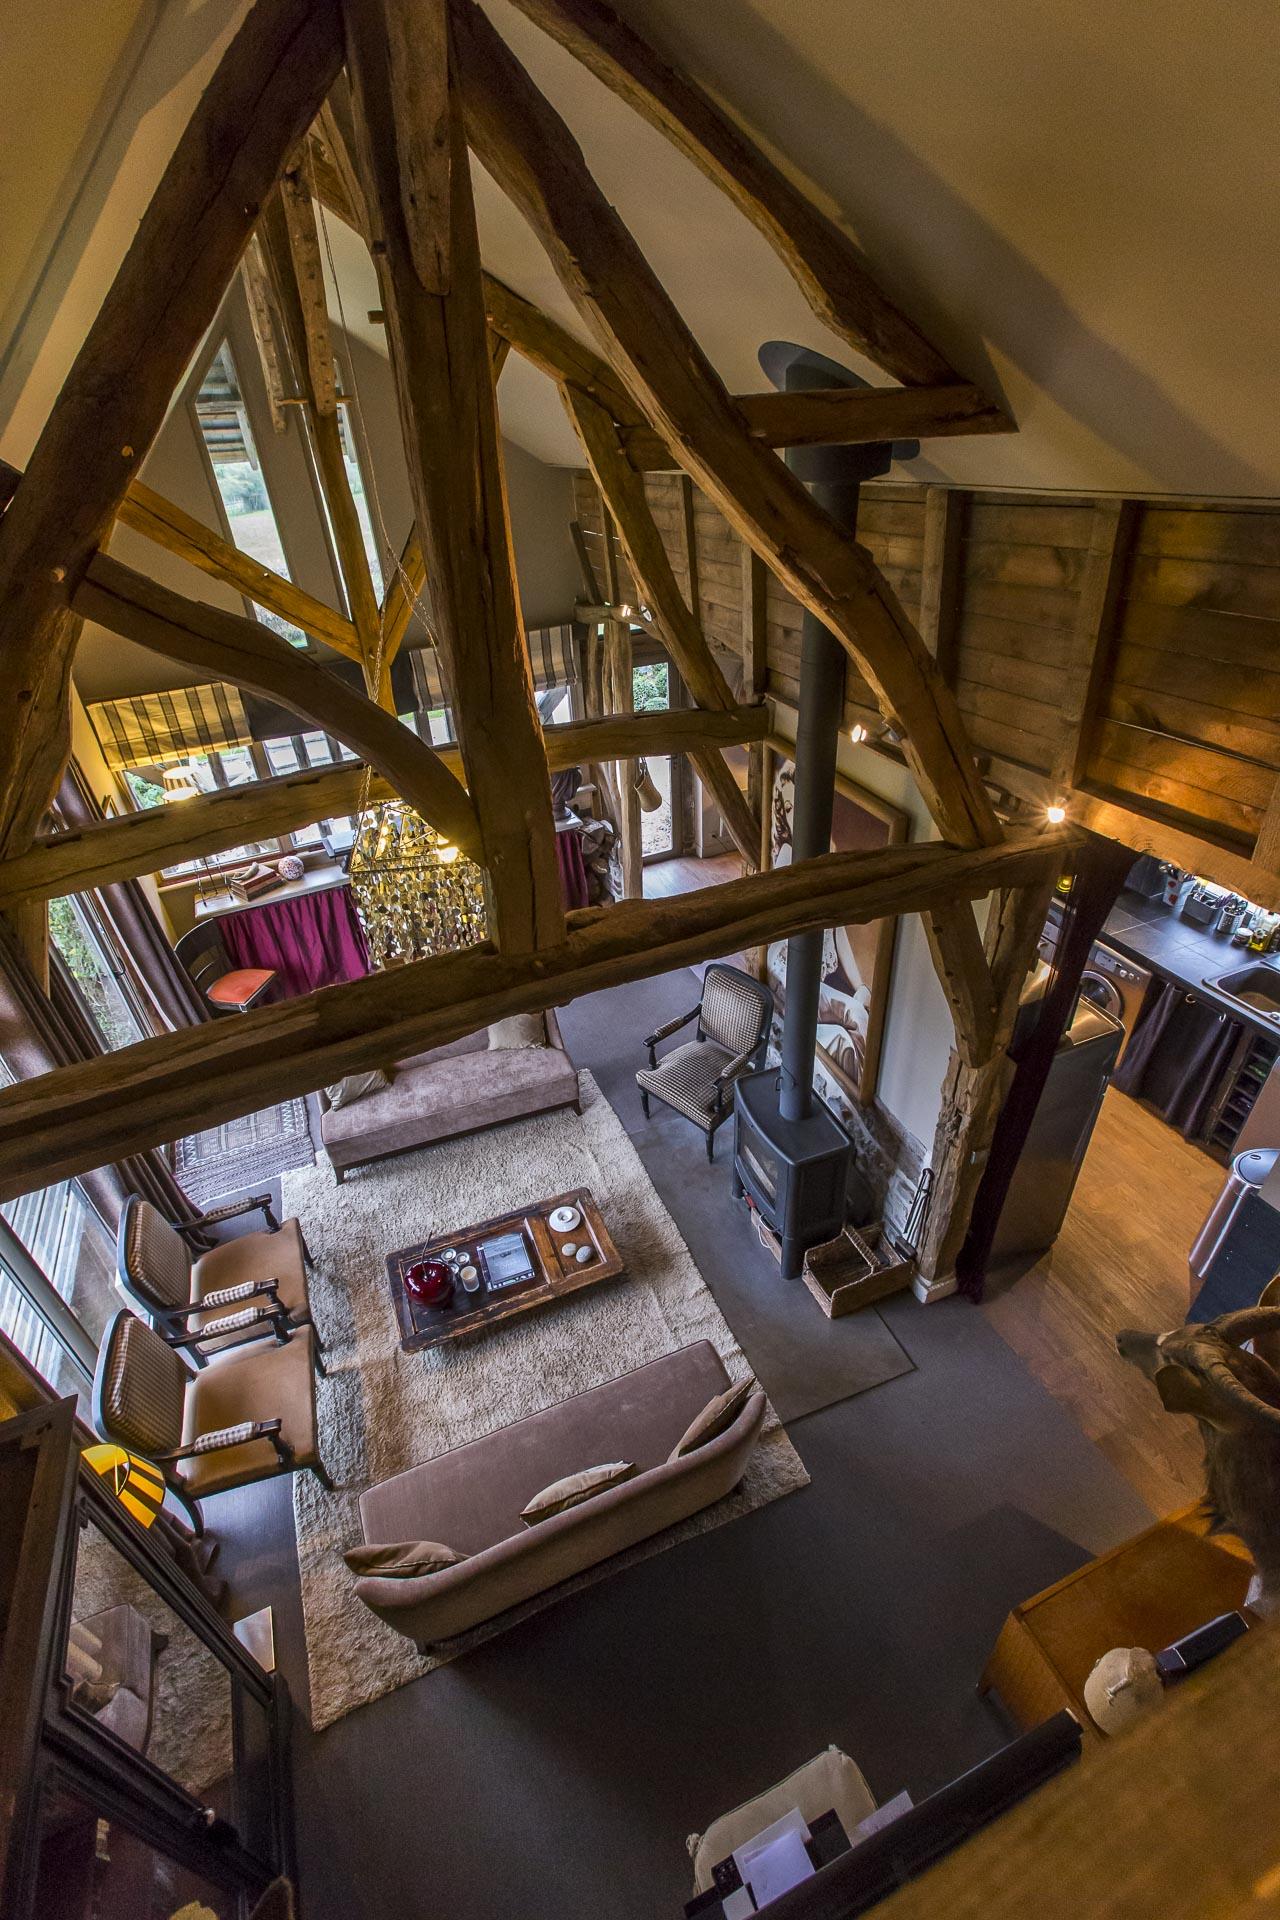 Location maison d h´tes de charme en Norman Deauville